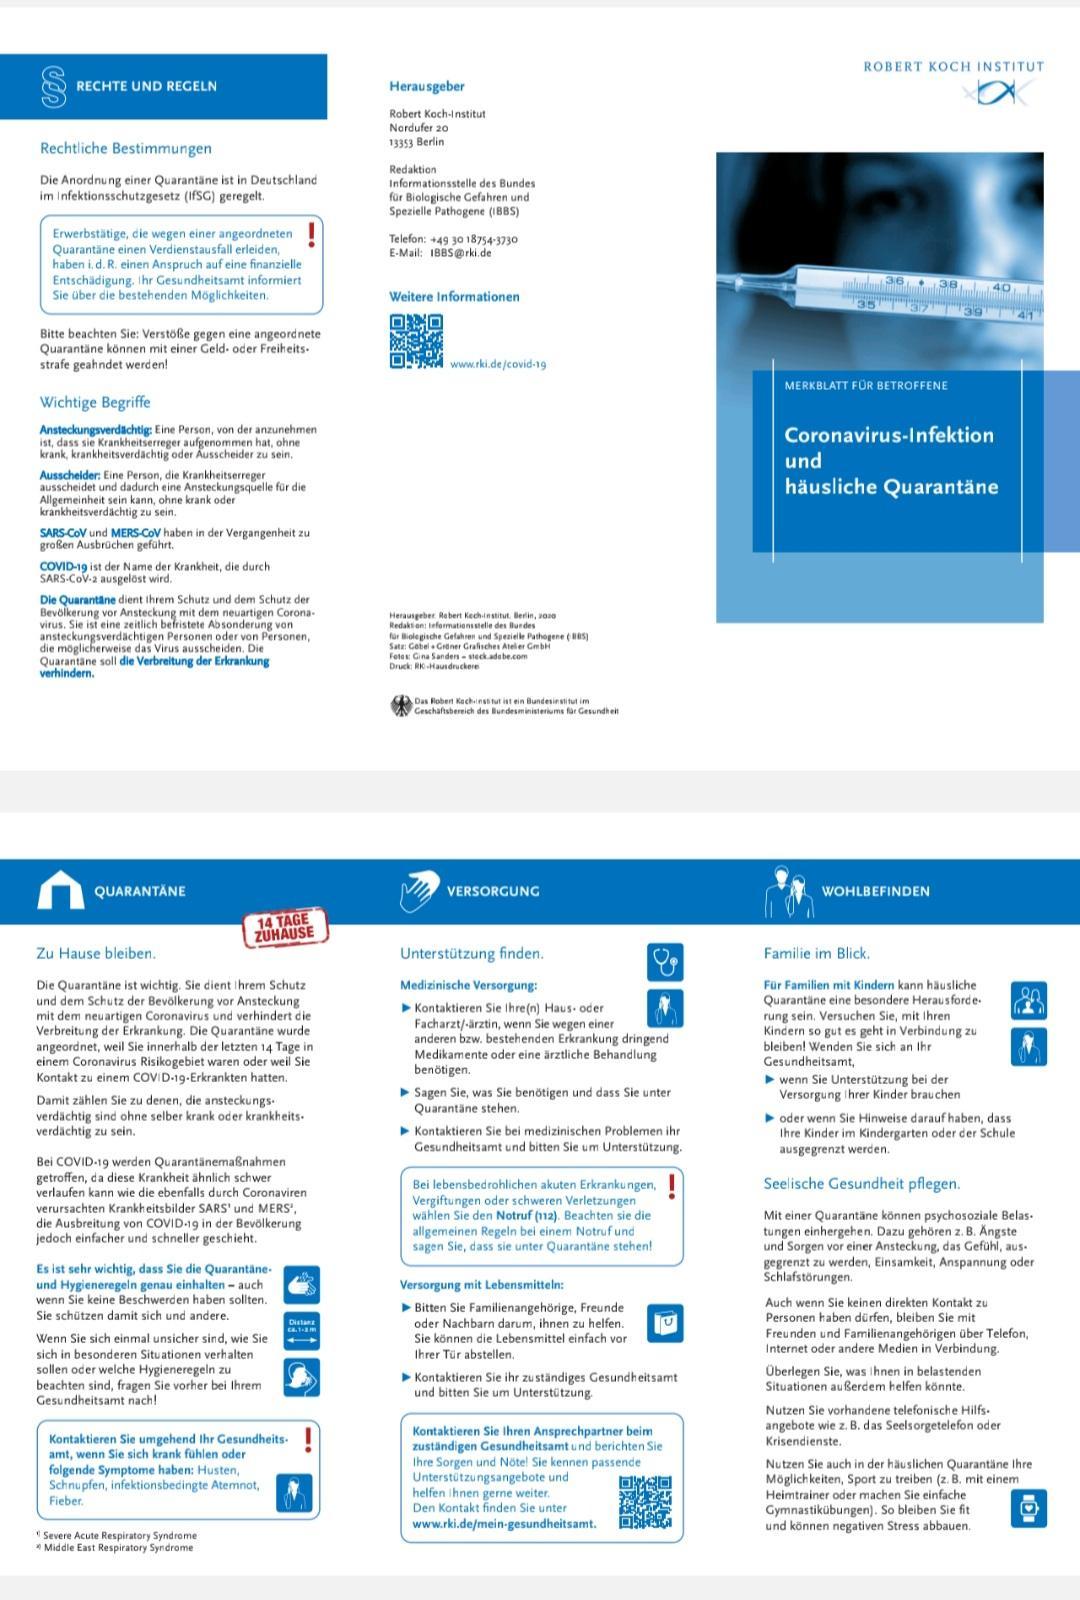 Coronavirus-Infektion und häusliche Quarantäne